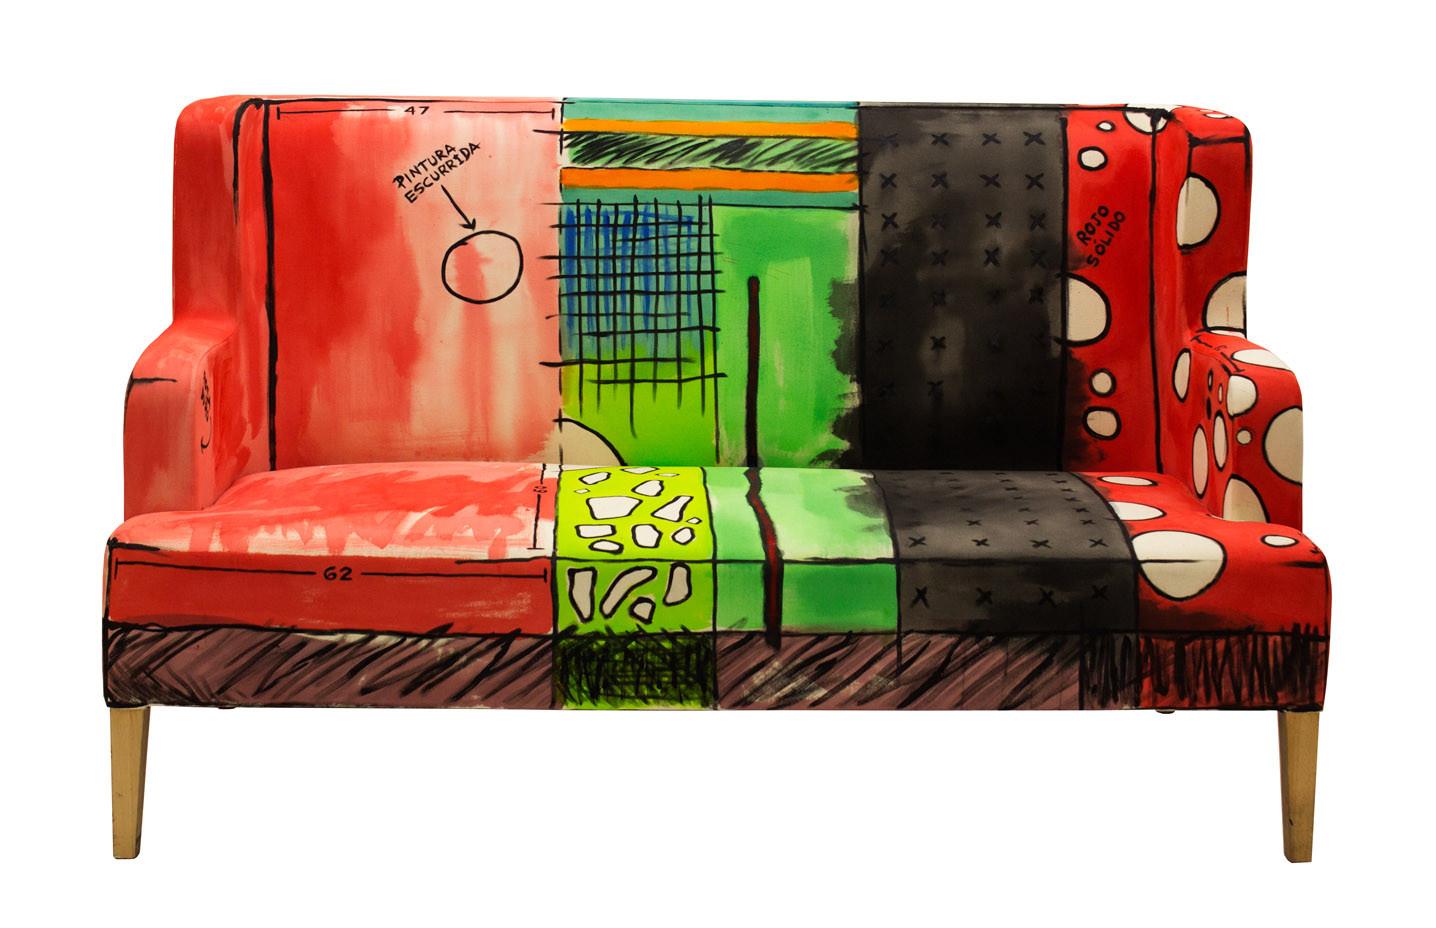 Arquitectos mexicanos participan en el diseño de mobiliario para la segunda edición de Proyecto calleveinte, Draft by Bunker Arquitectura